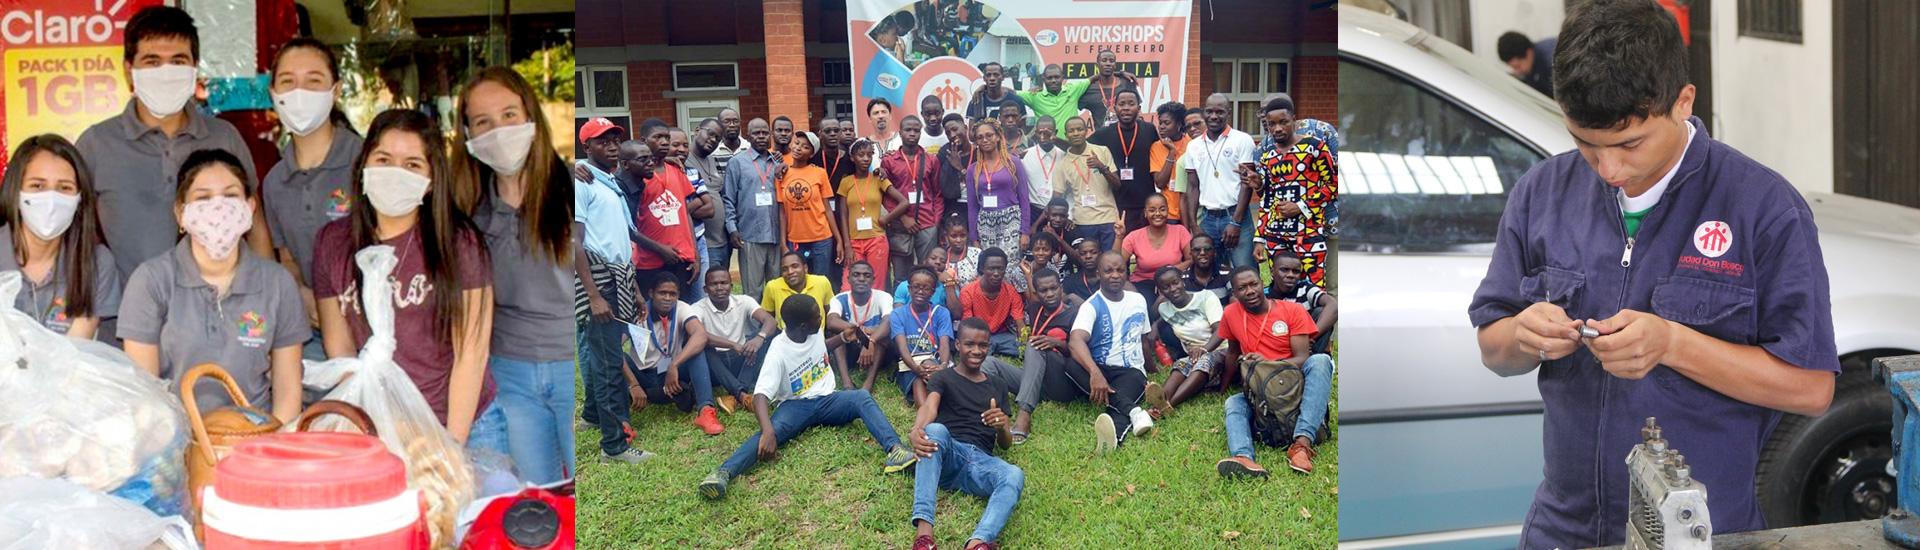 Día Mundial de la Juventud: más comprometidos que nunca con los jóvenes y con su futuro